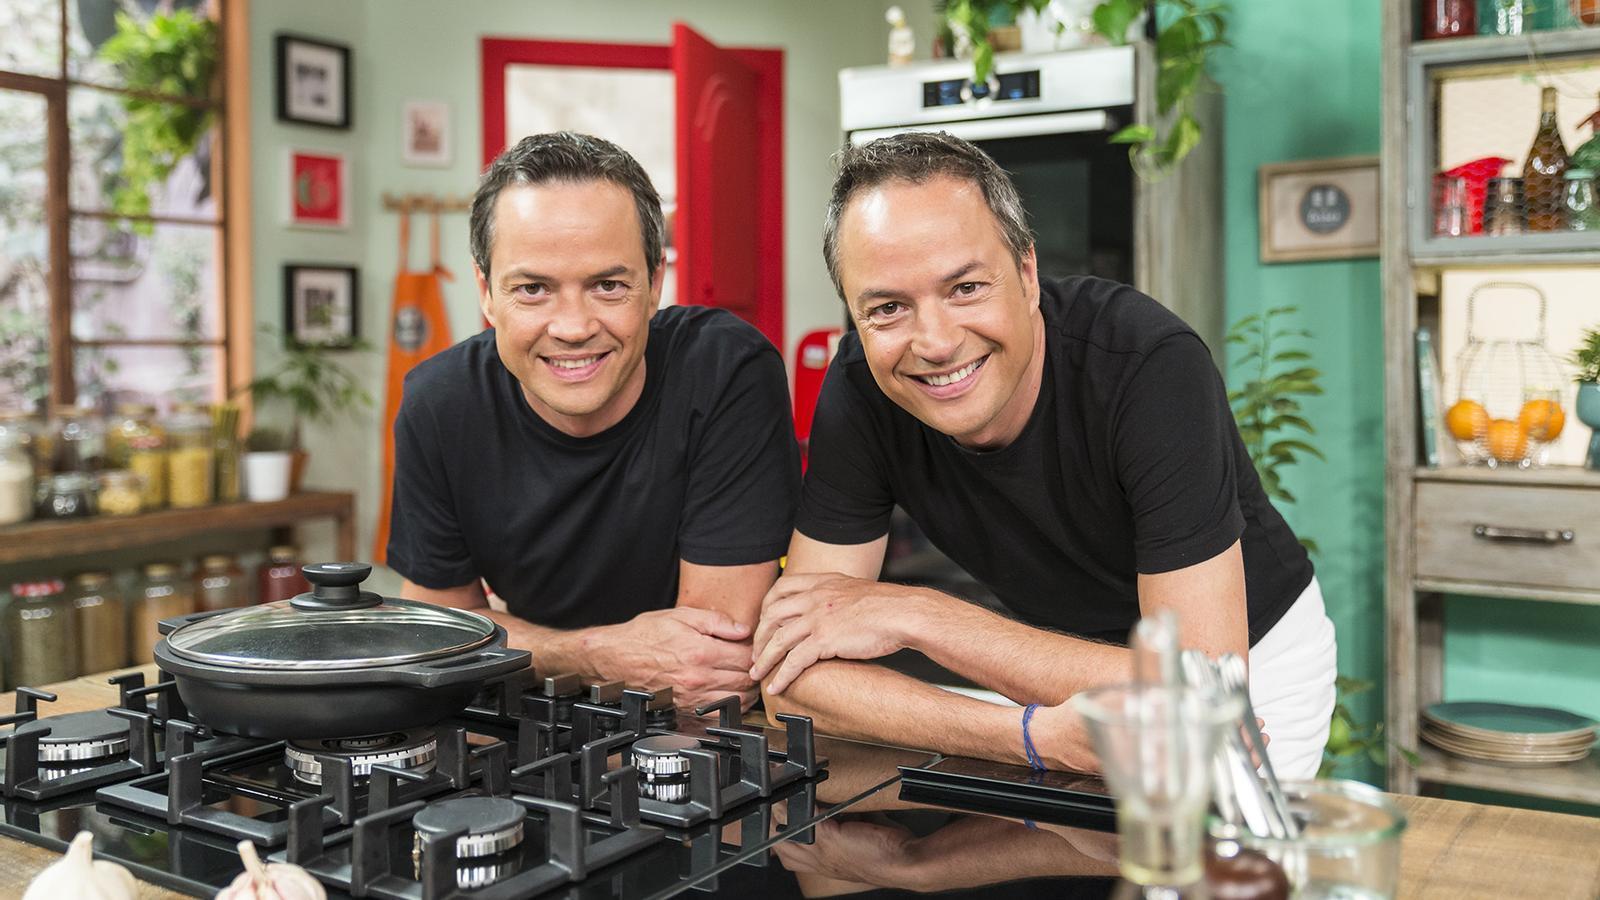 Els germans Torres tanquen el seu programa de cuina a TVE